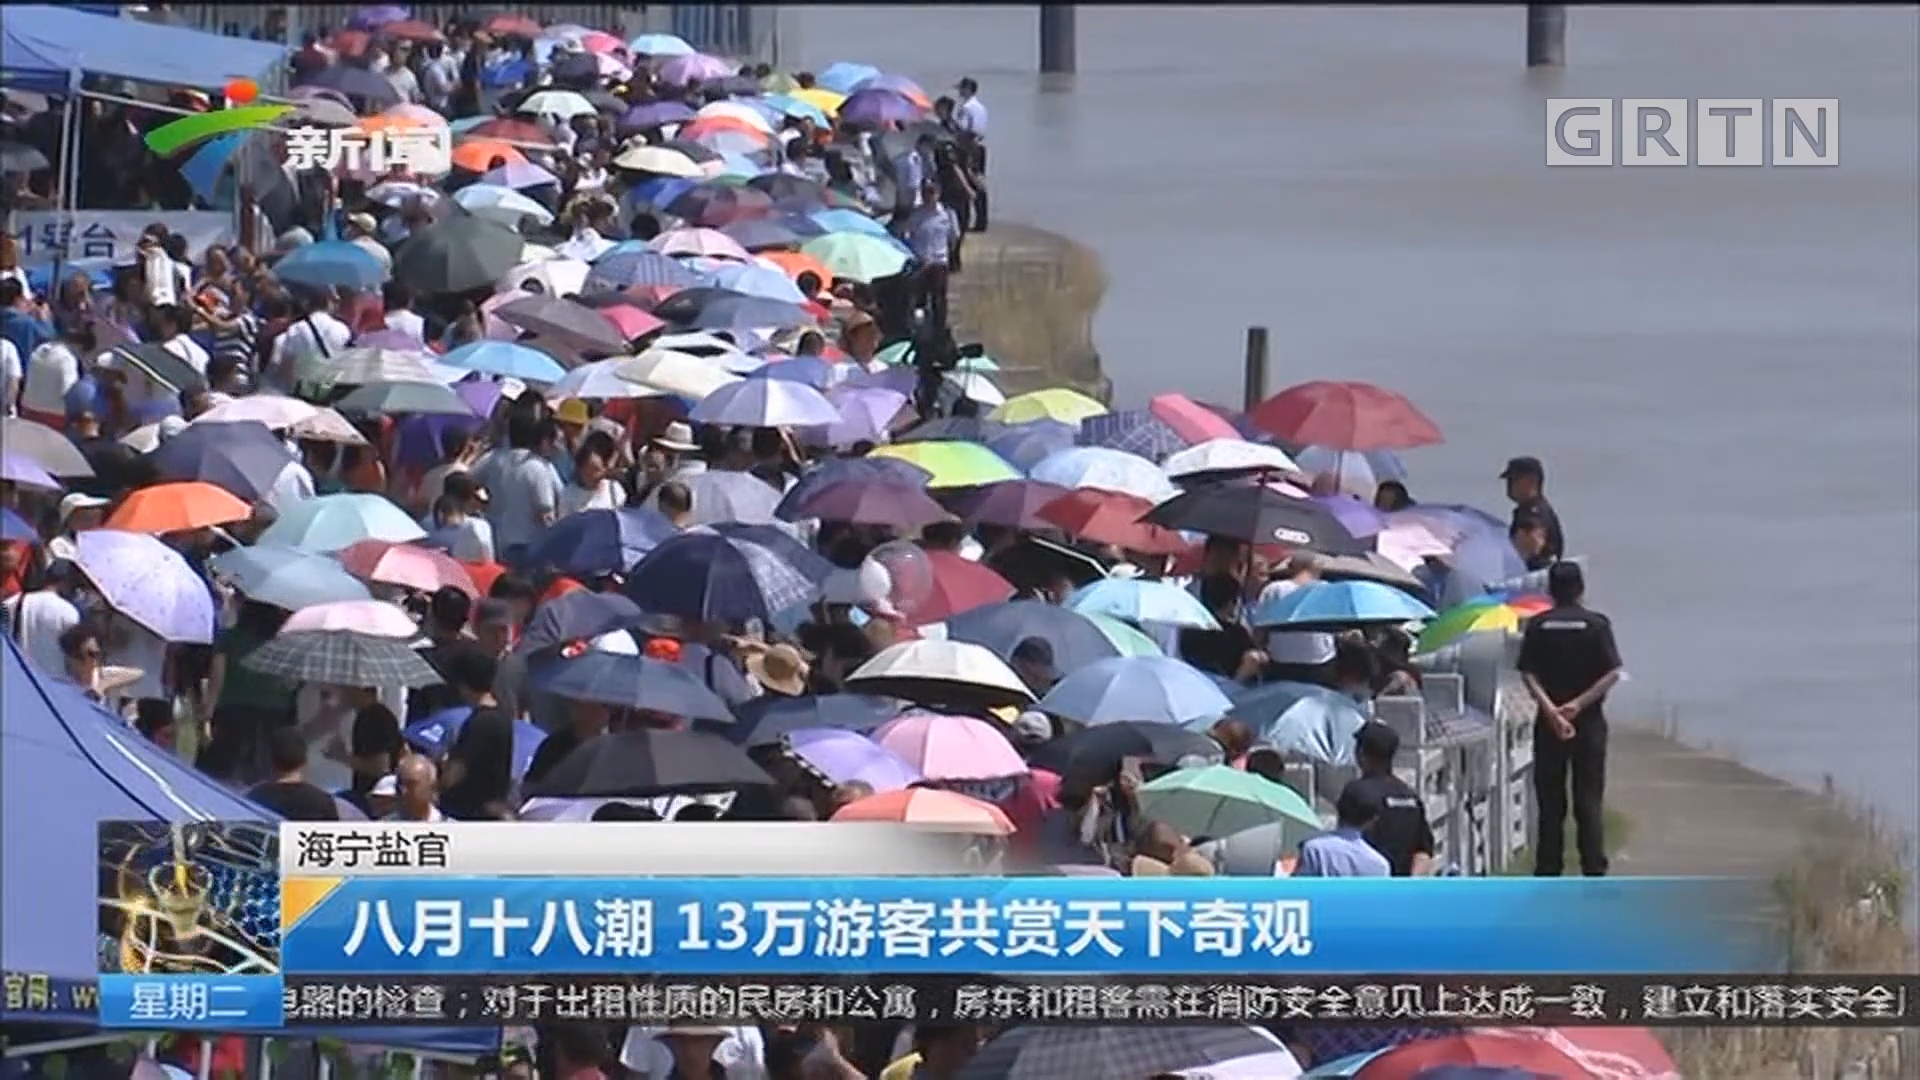 海宁盐官:八月十八潮 13万游客共赏天下奇观